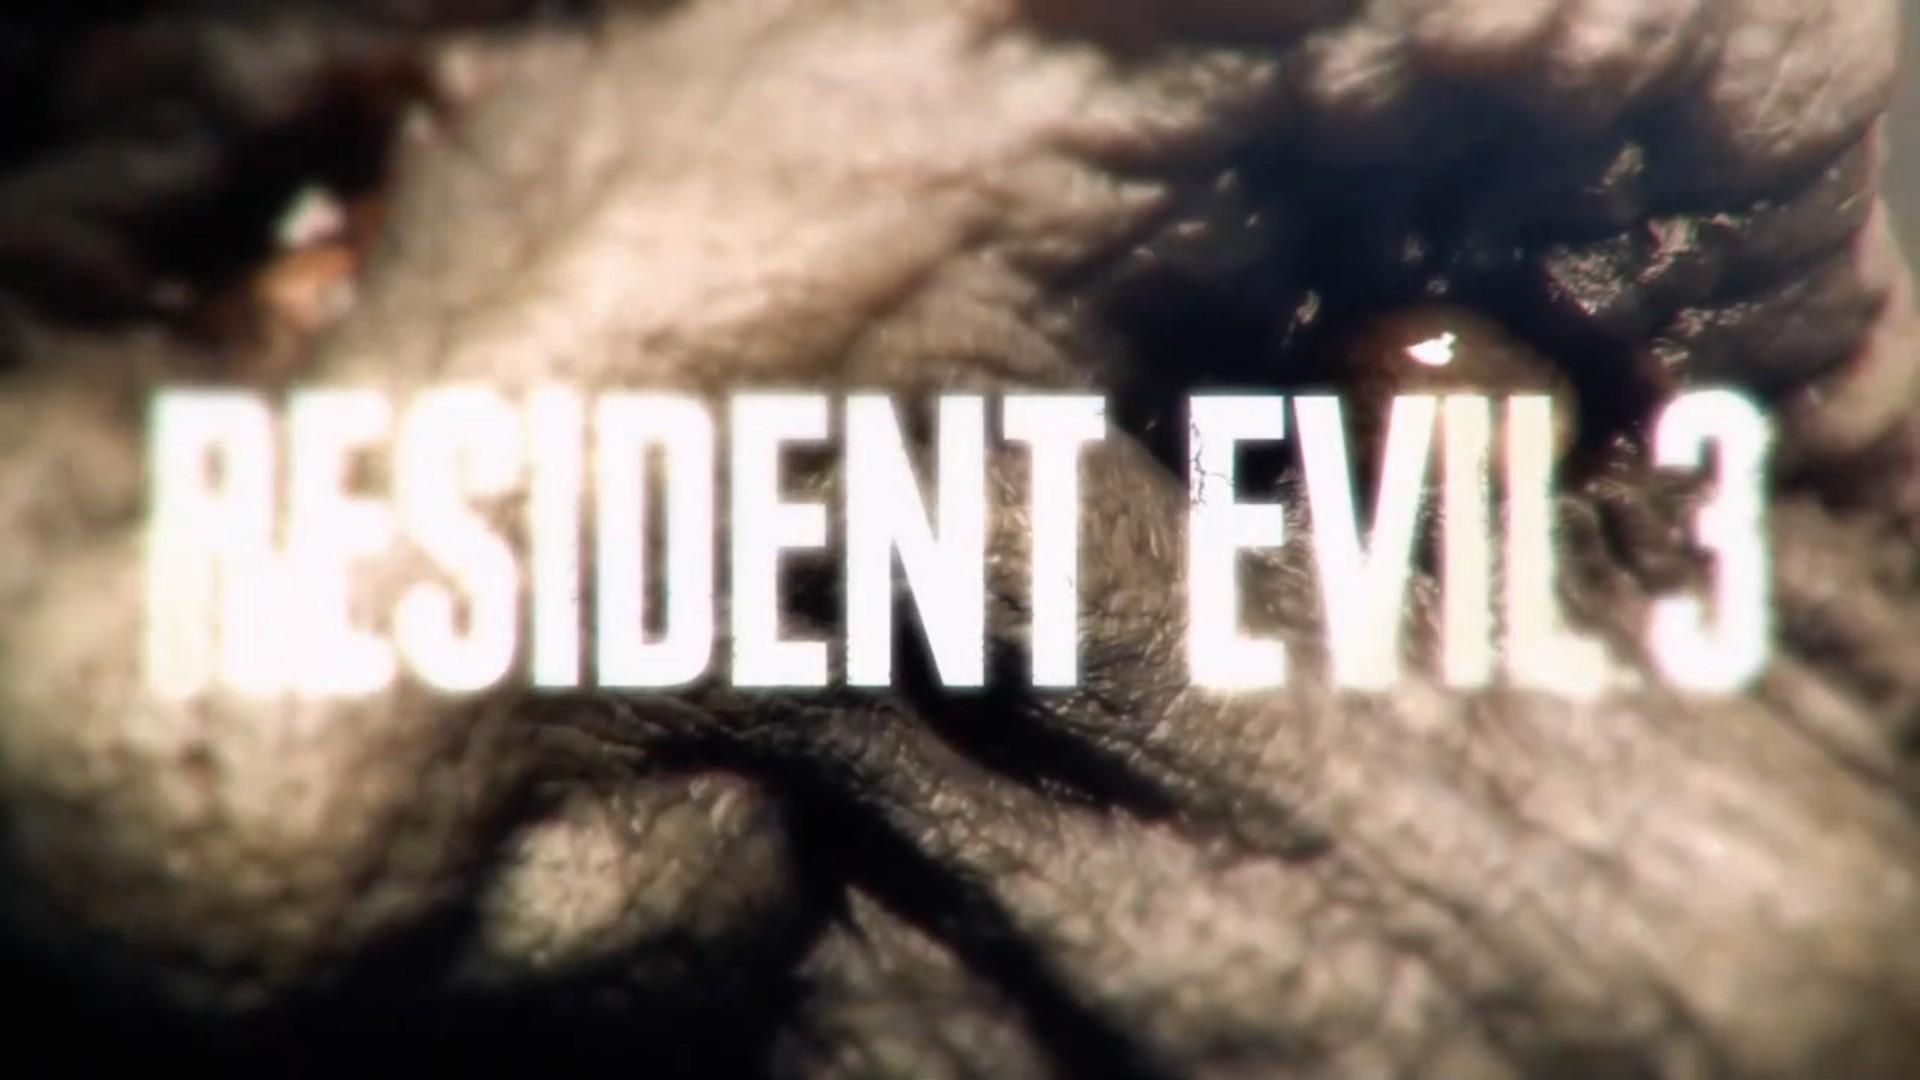 В сеть утекли скриншоты и подробности релизной версии ремейка Resident Evil 3 (спойлеры)